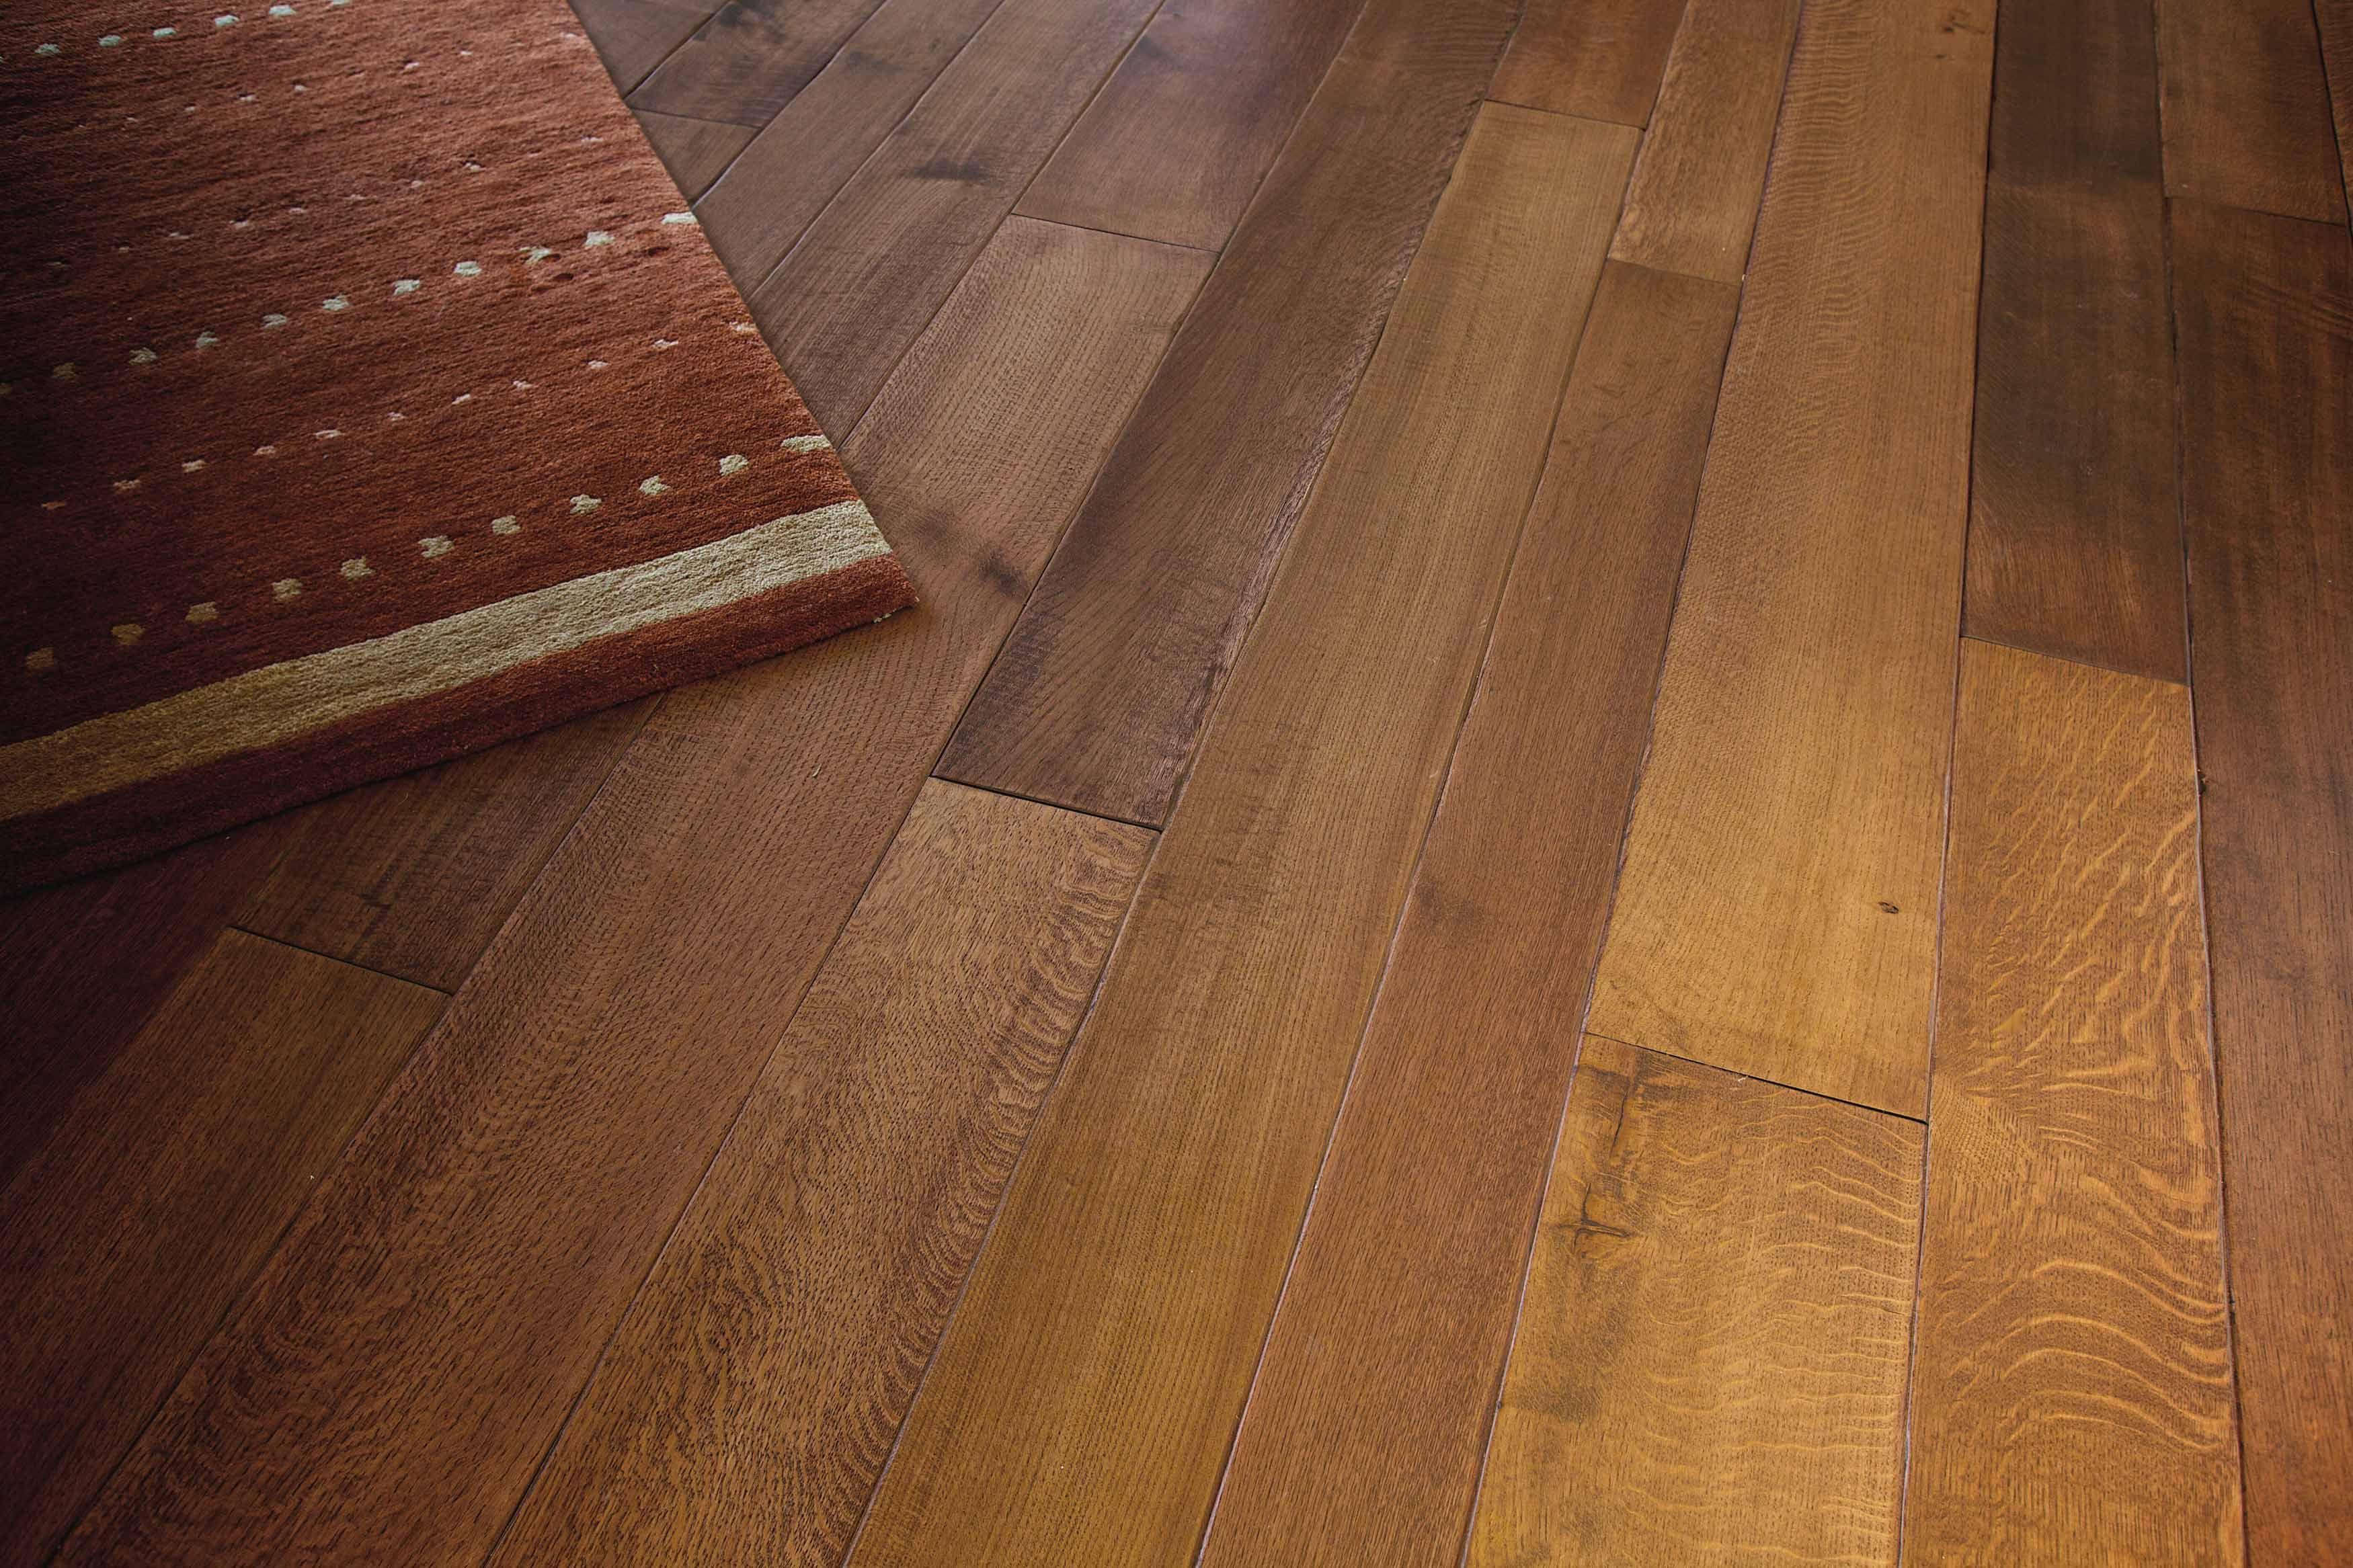 """Detail: 6,8,10"""" rift and quarter sawn white oak flooring"""